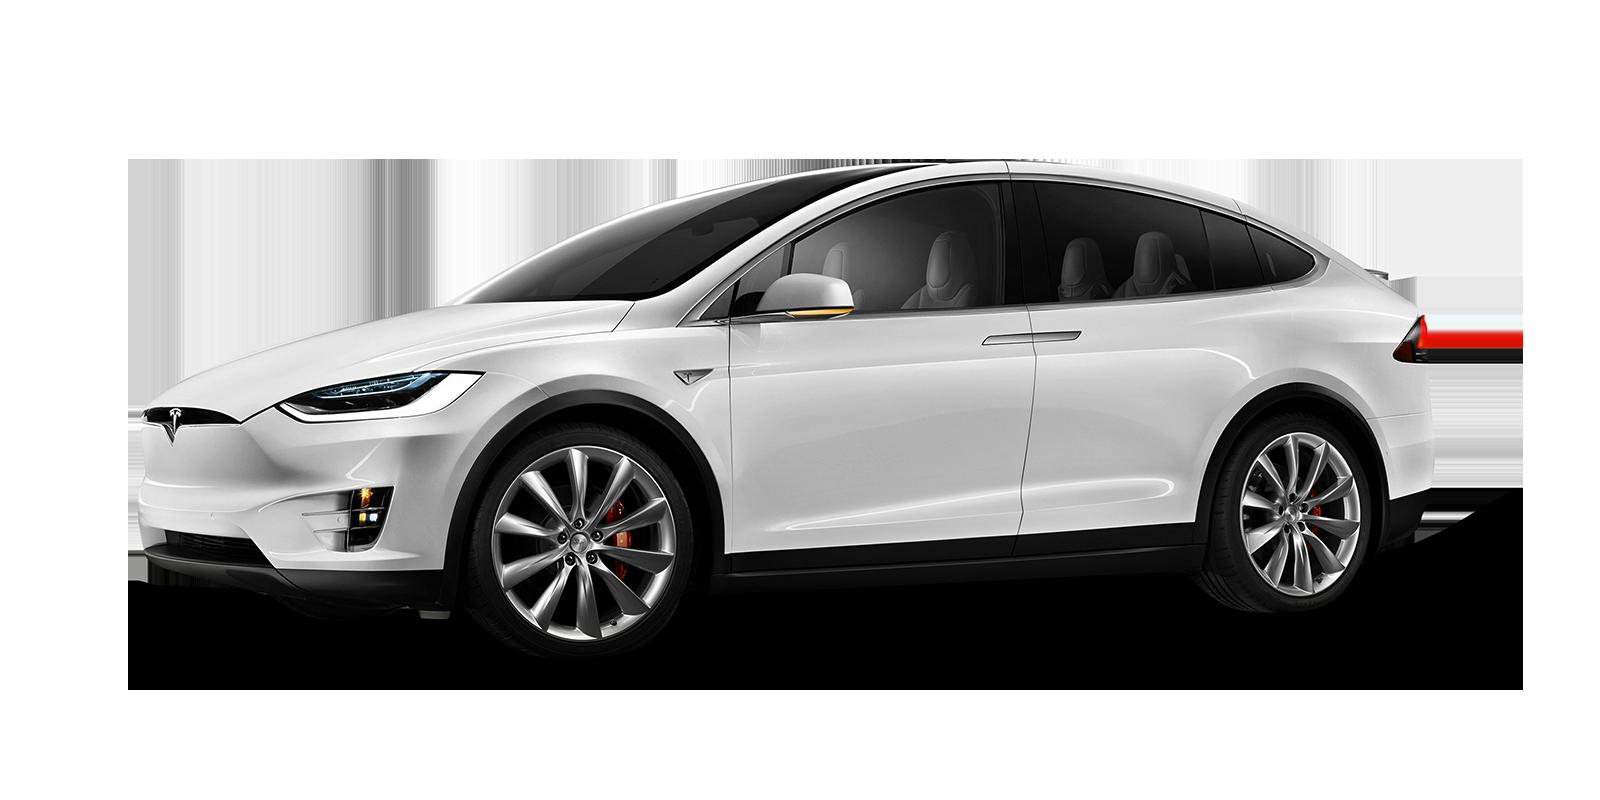 Caractéristiques de la  Tesla Model X électrique